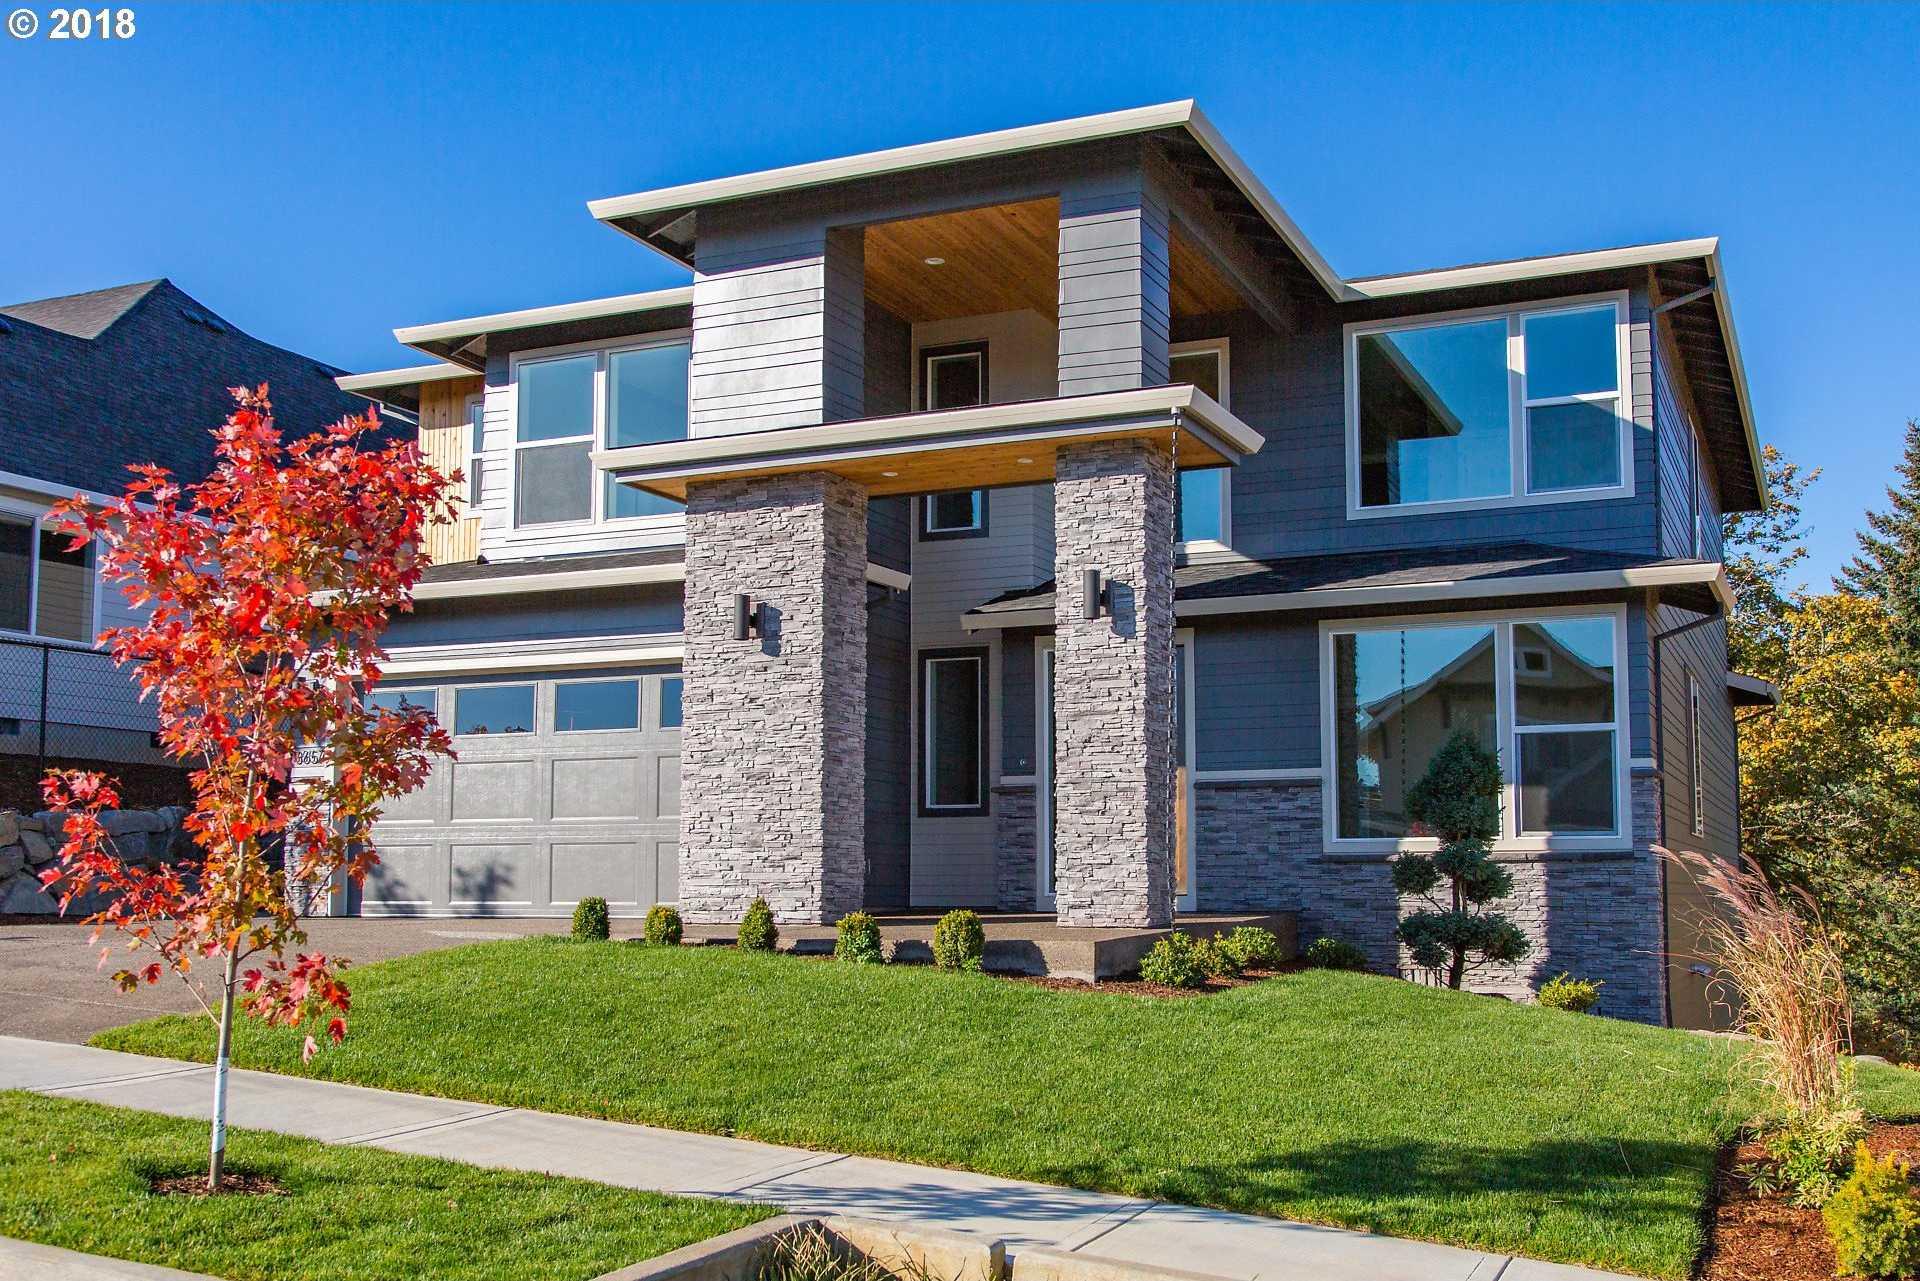 $749,900 - 4Br/4Ba -  for Sale in Hilltop View Estates, Gresham